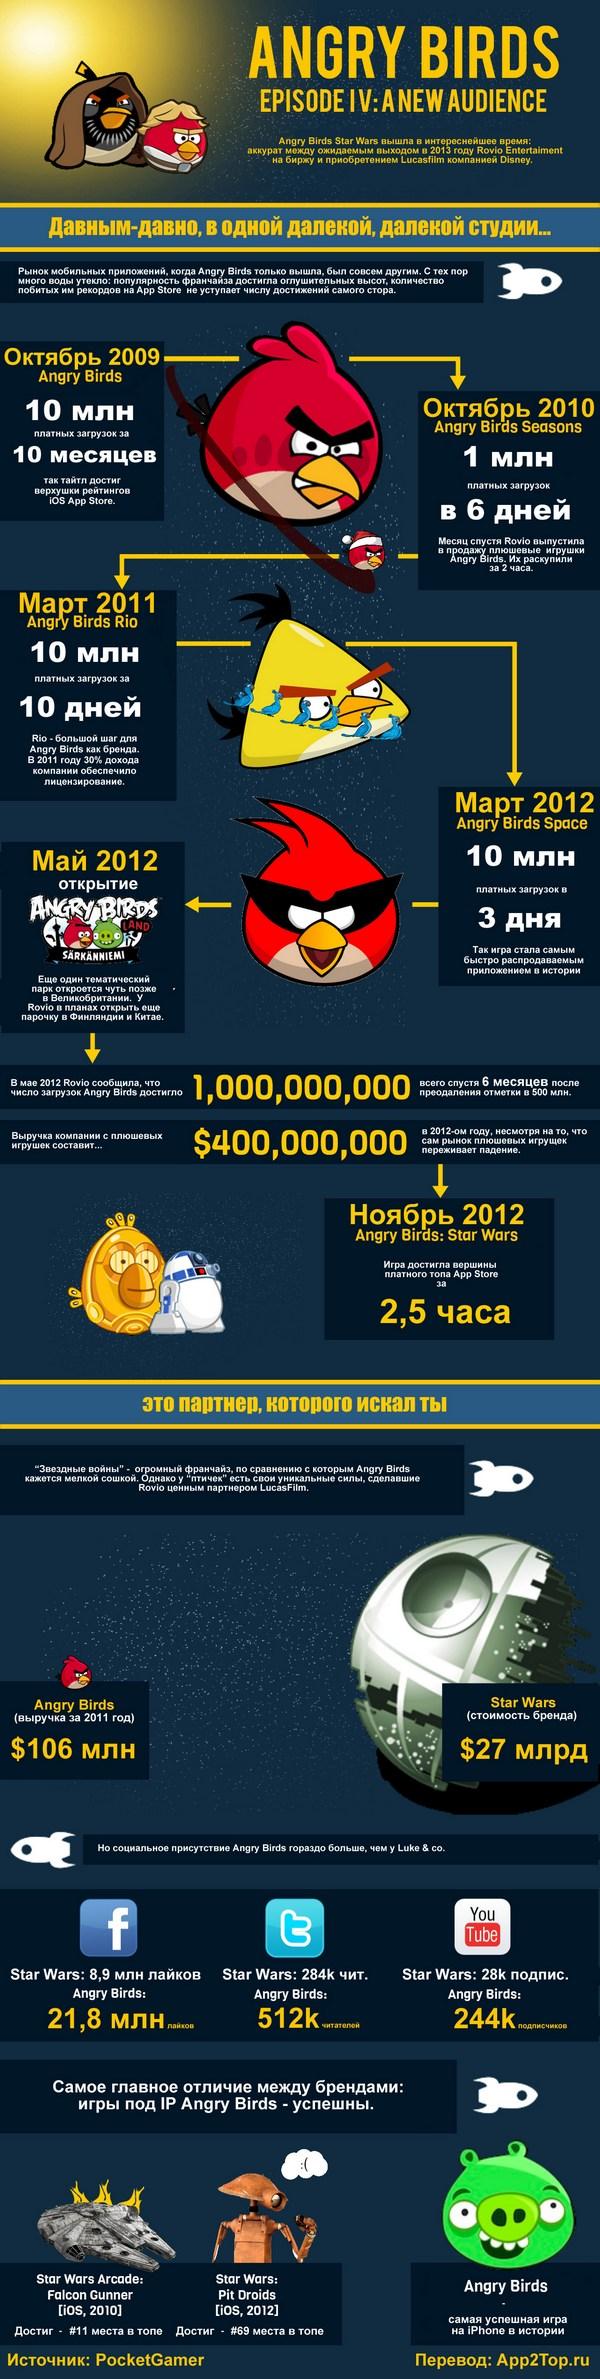 Причины популярности игры Angry Birds (ИНФОГРАФИКА) - ТЕХНО